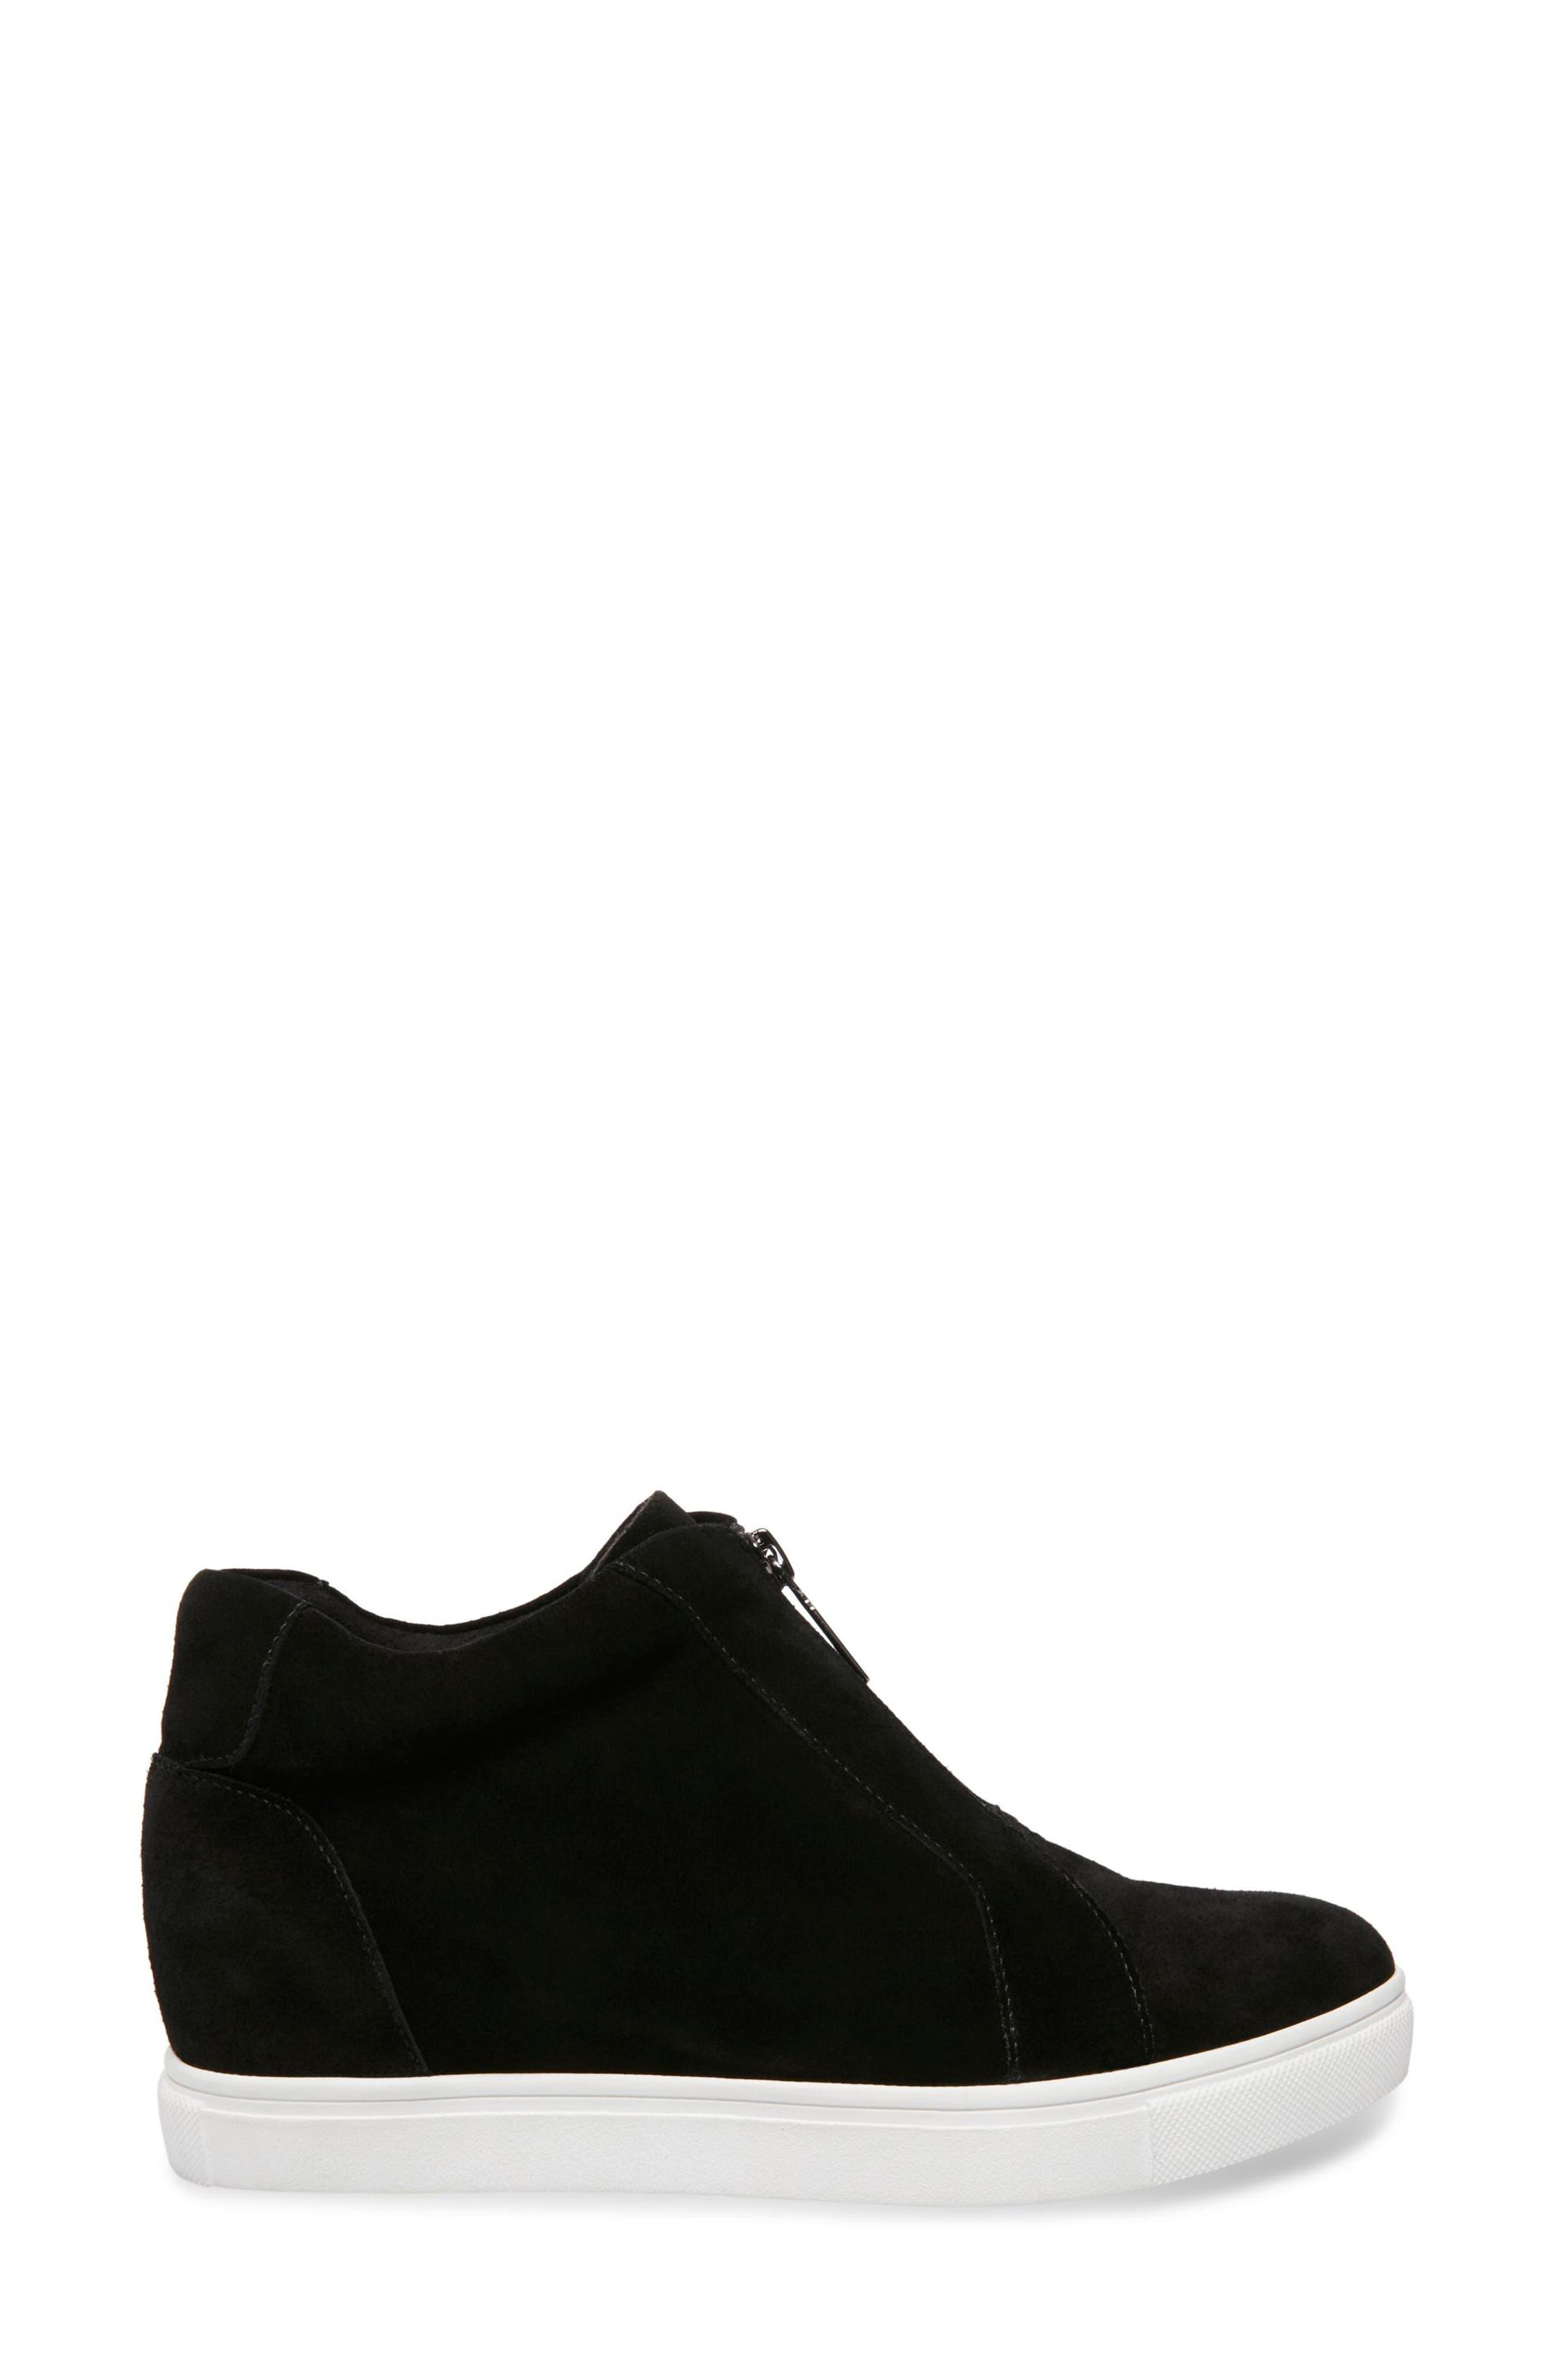 Glenda Waterproof Sneaker Bootie,                             Alternate thumbnail 3, color,                             BLACK SUEDE